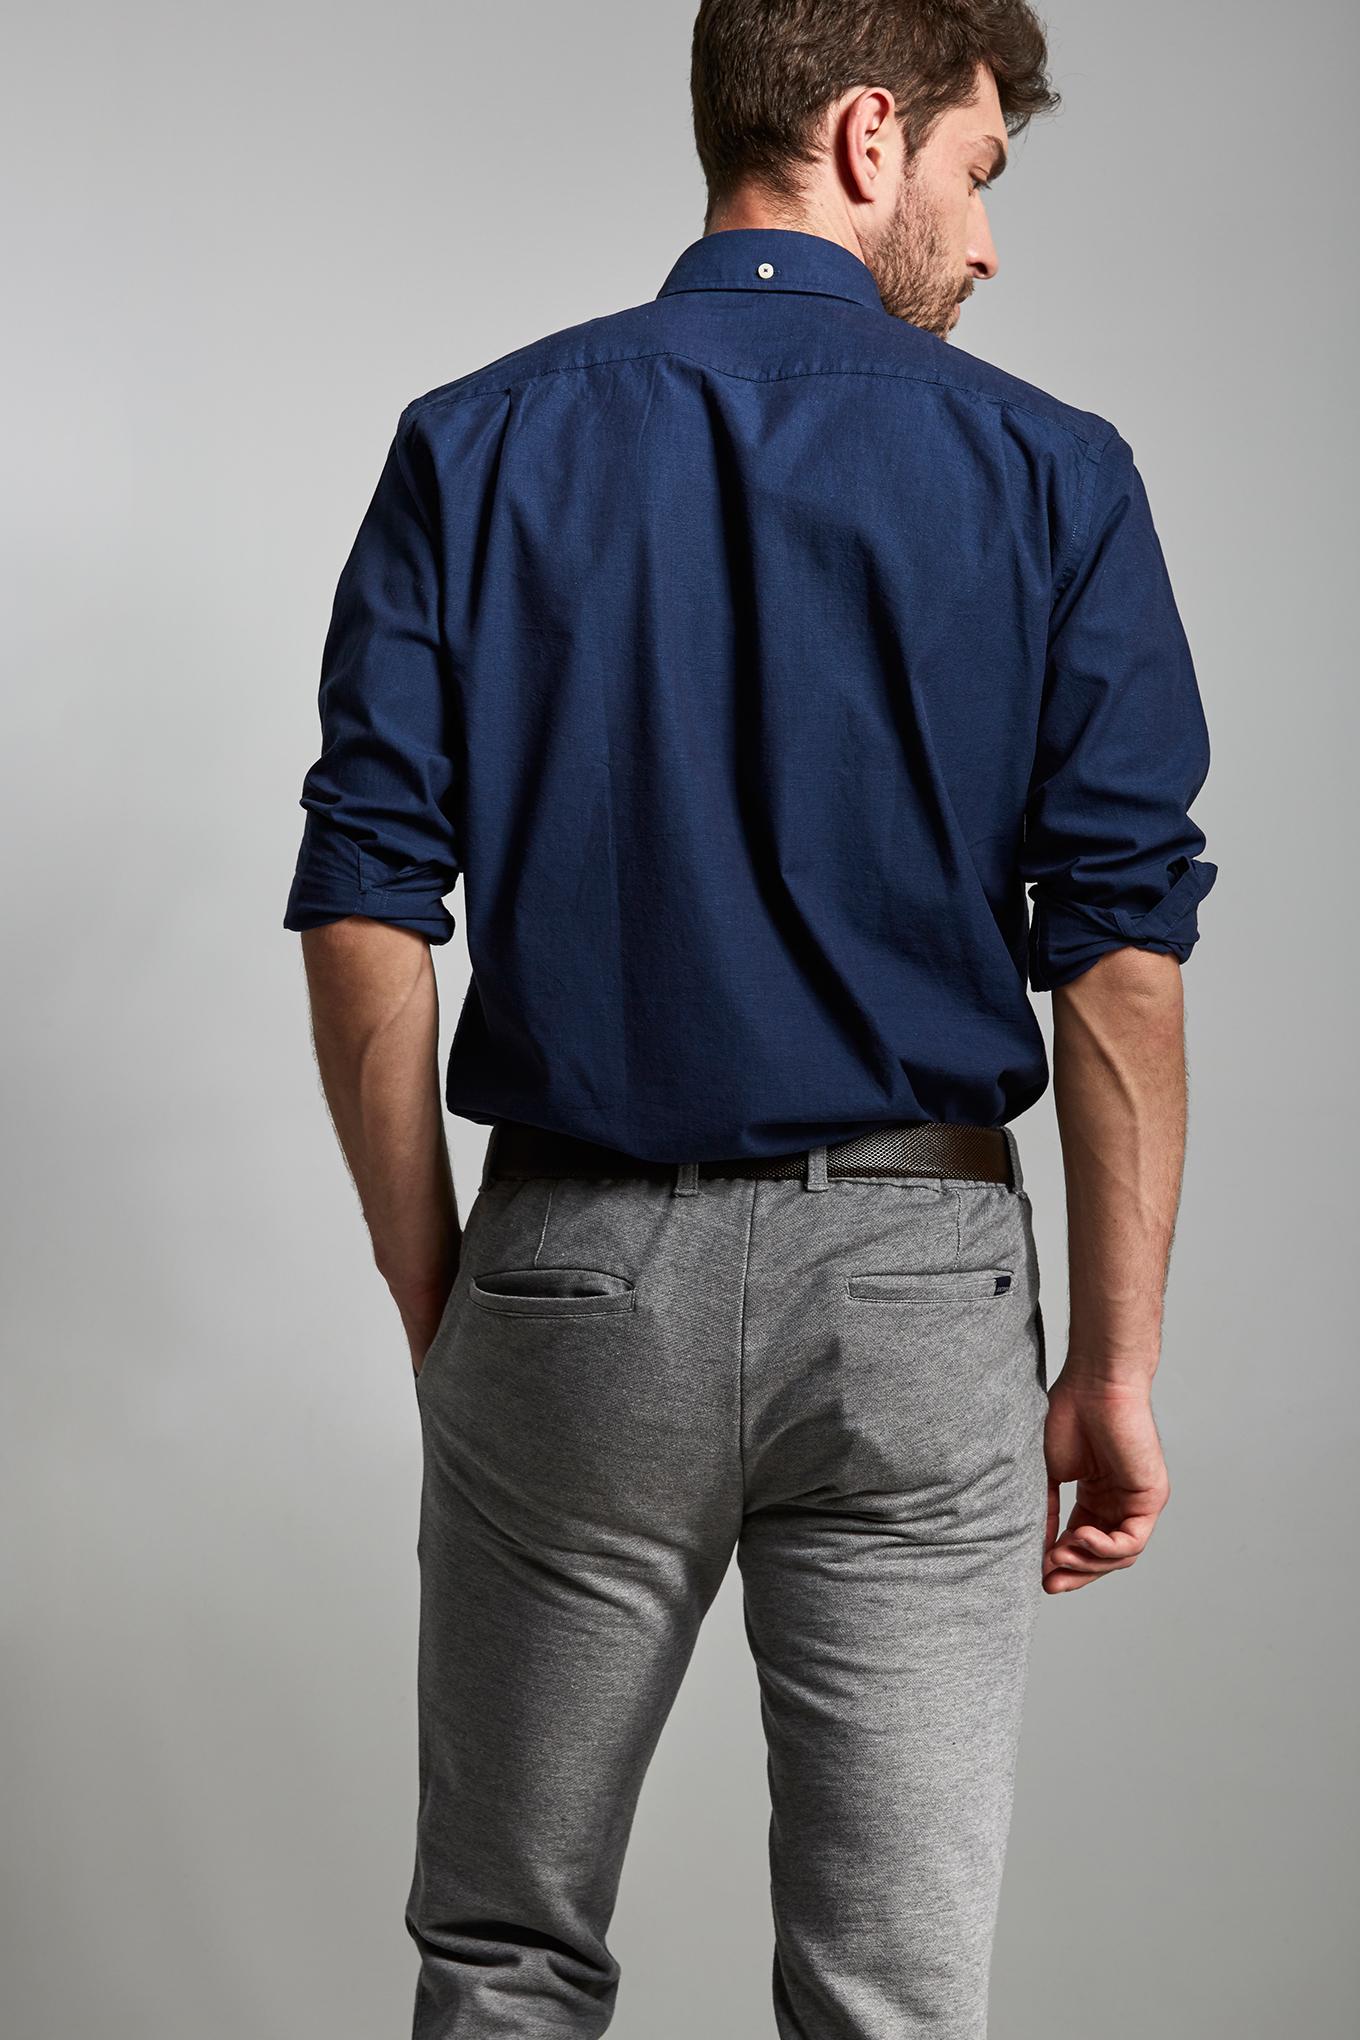 Sportswear Trousers Dark Grey Sport Man